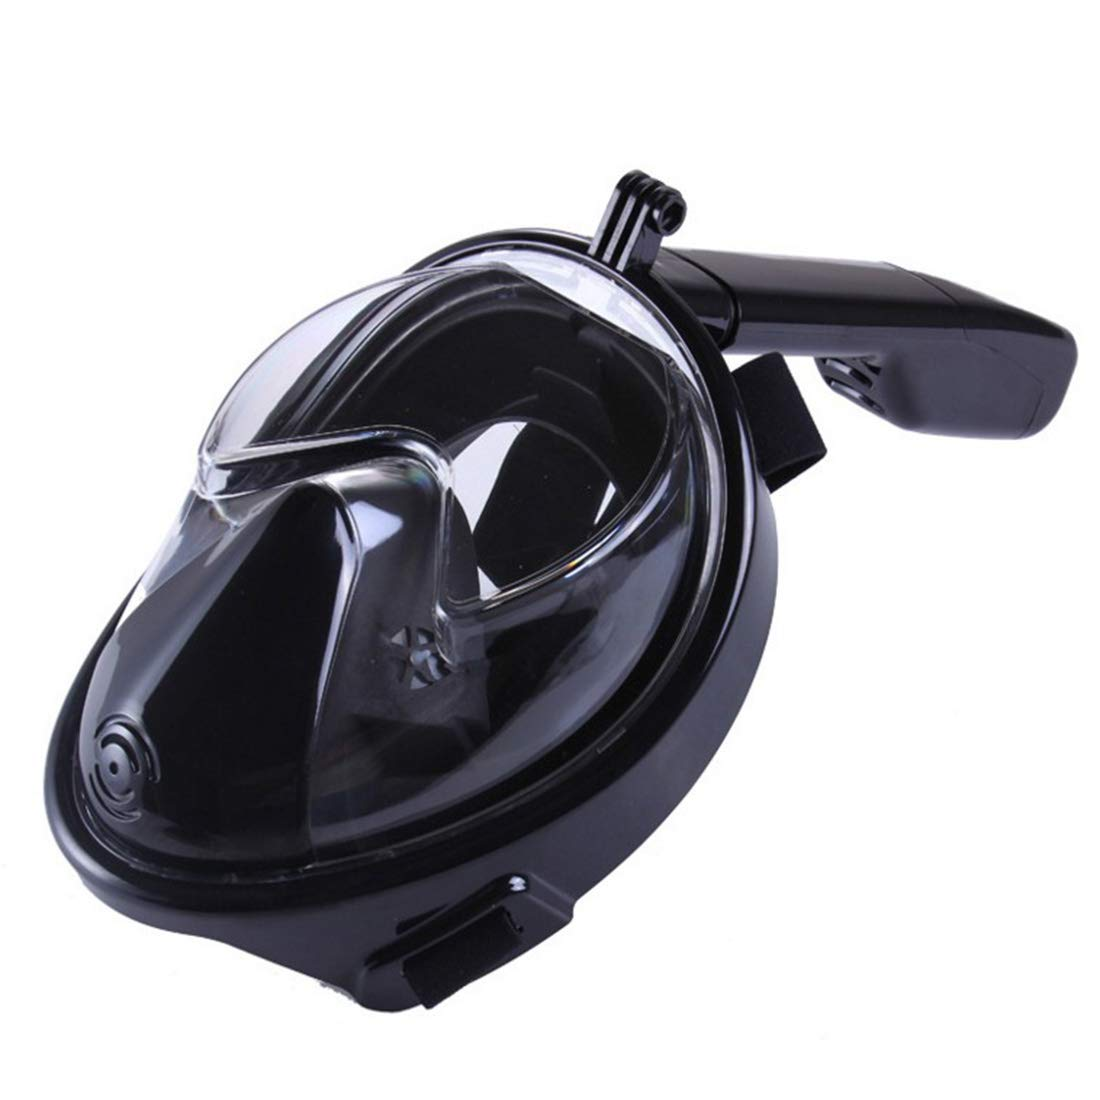 FELICIGG Volle trockene Tauchmasken für volles trockenes Schnorcheln im Erwachsenen Anti Fog Tauchspiegel B07QGDDWNX Schwimmbrillen Neuer Markt